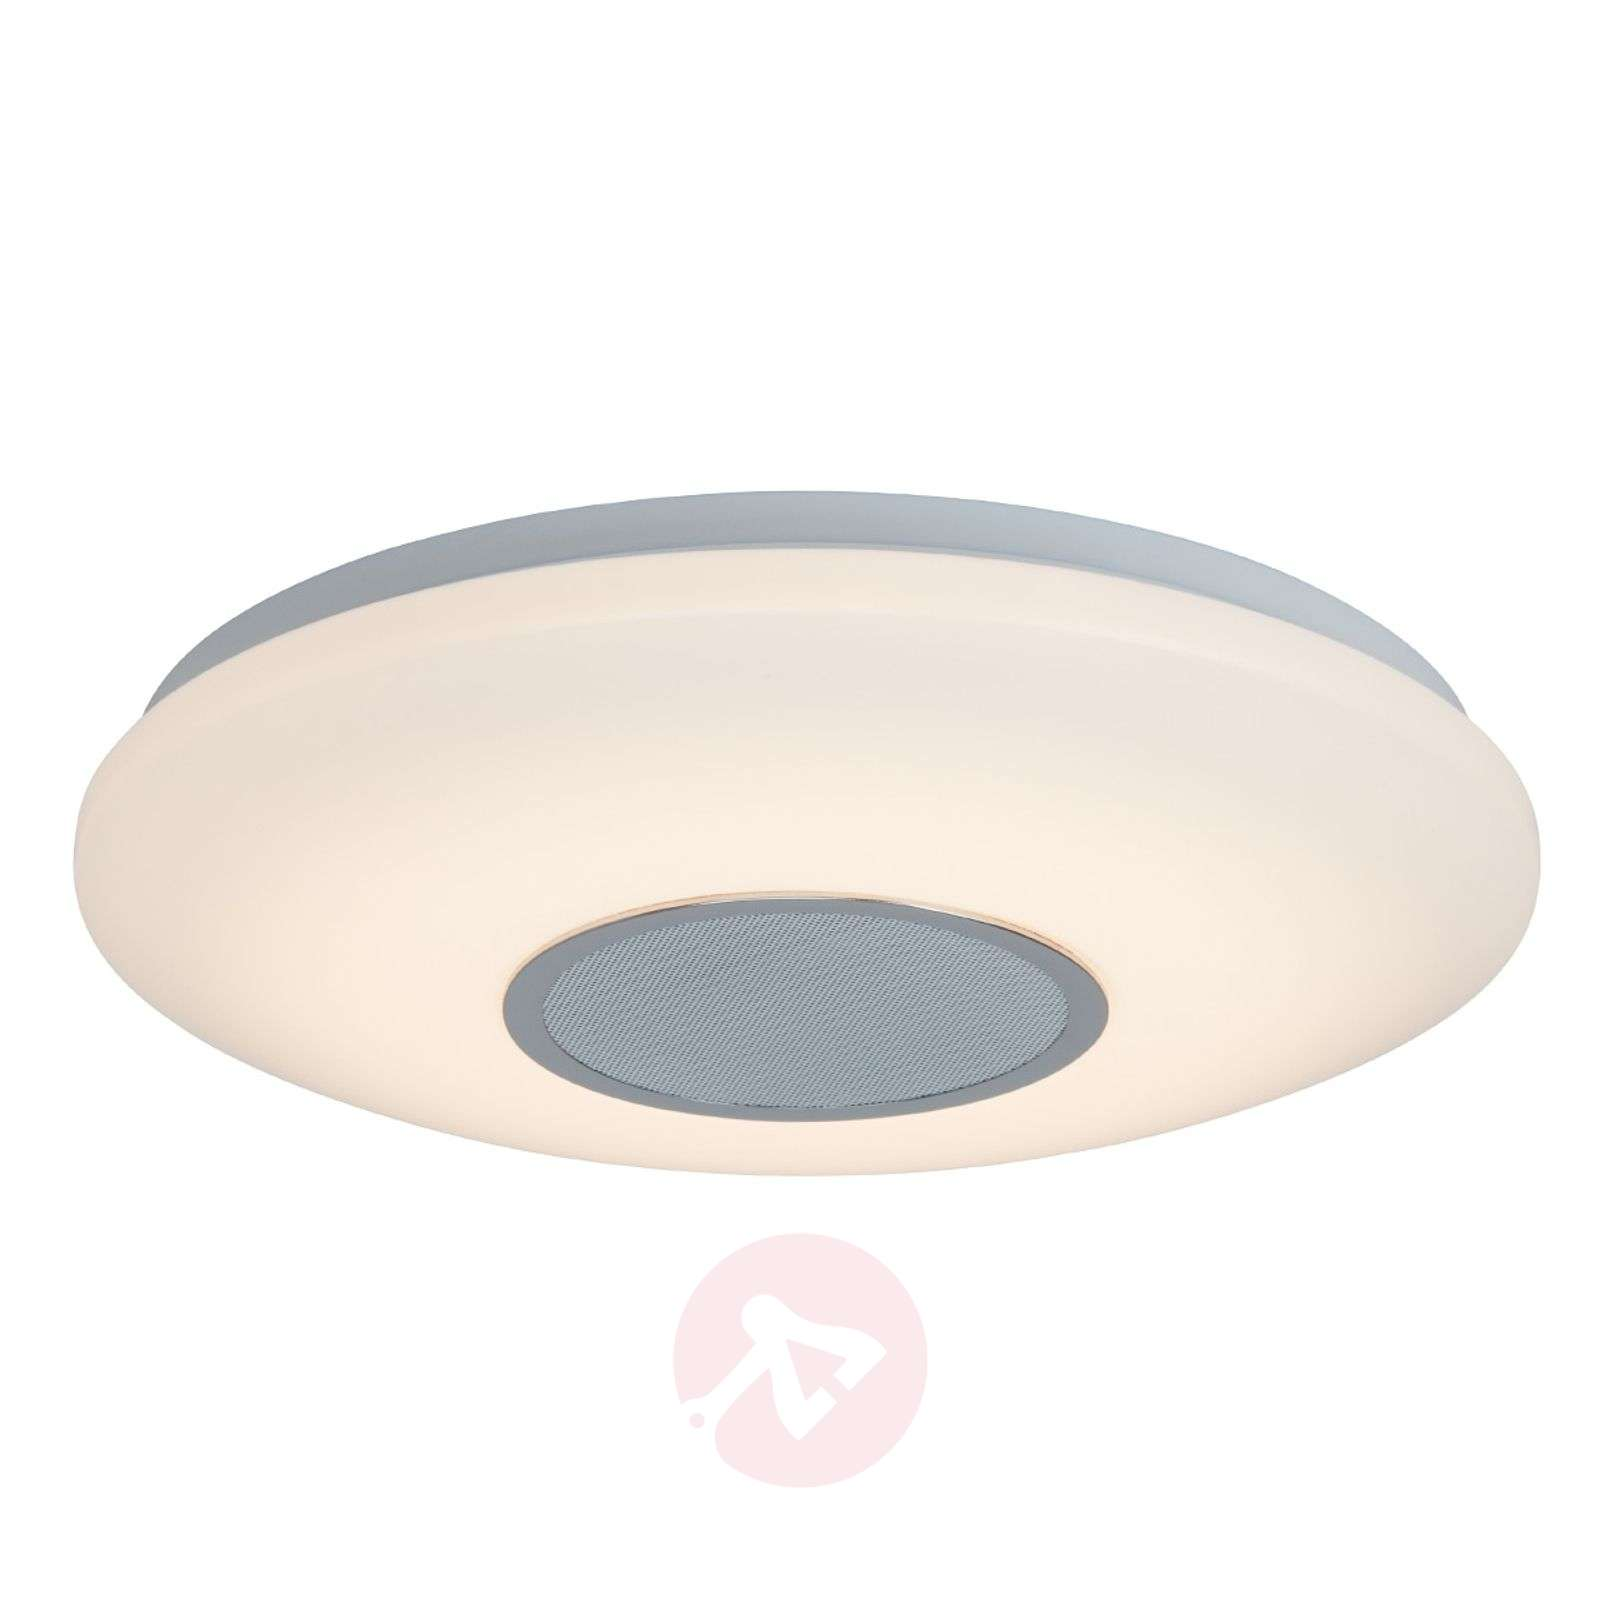 AEG Bailando LED ceiling light light and sound-3057013-05